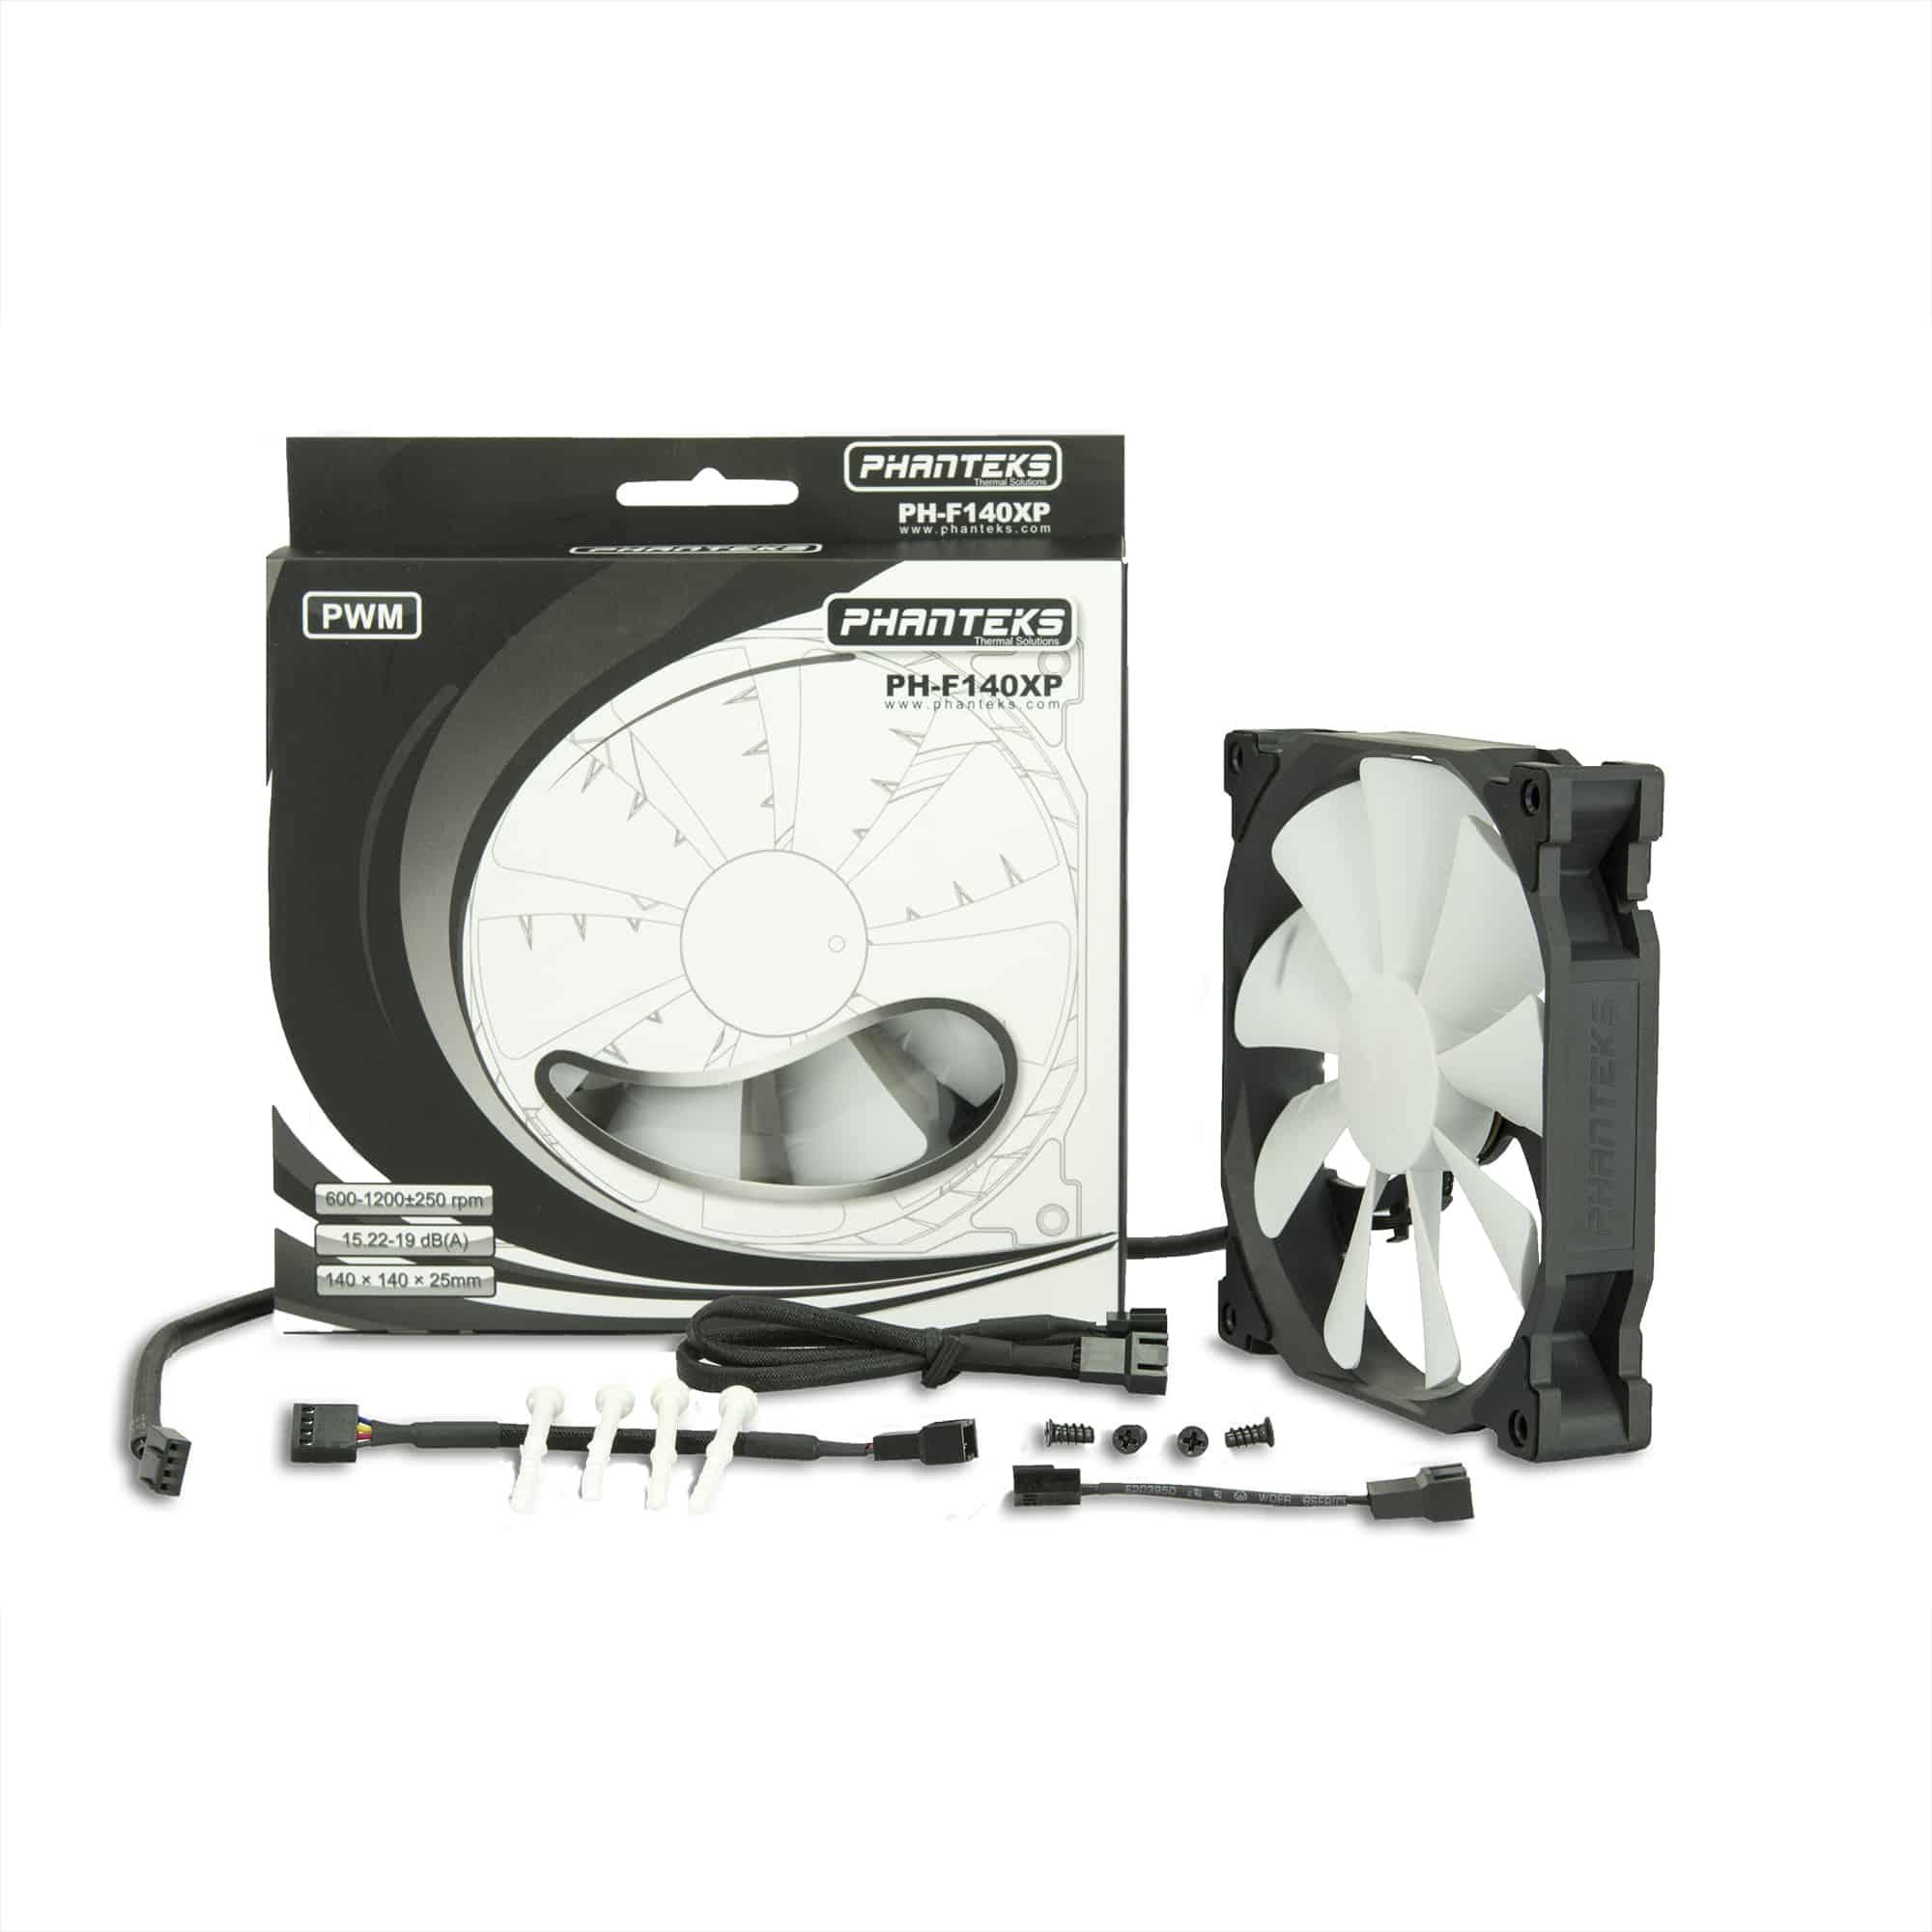 Ventilátor PHANTEKS PH-F140XP 14cm PWM Fekete/Fehér (PH-F140XP_BK)